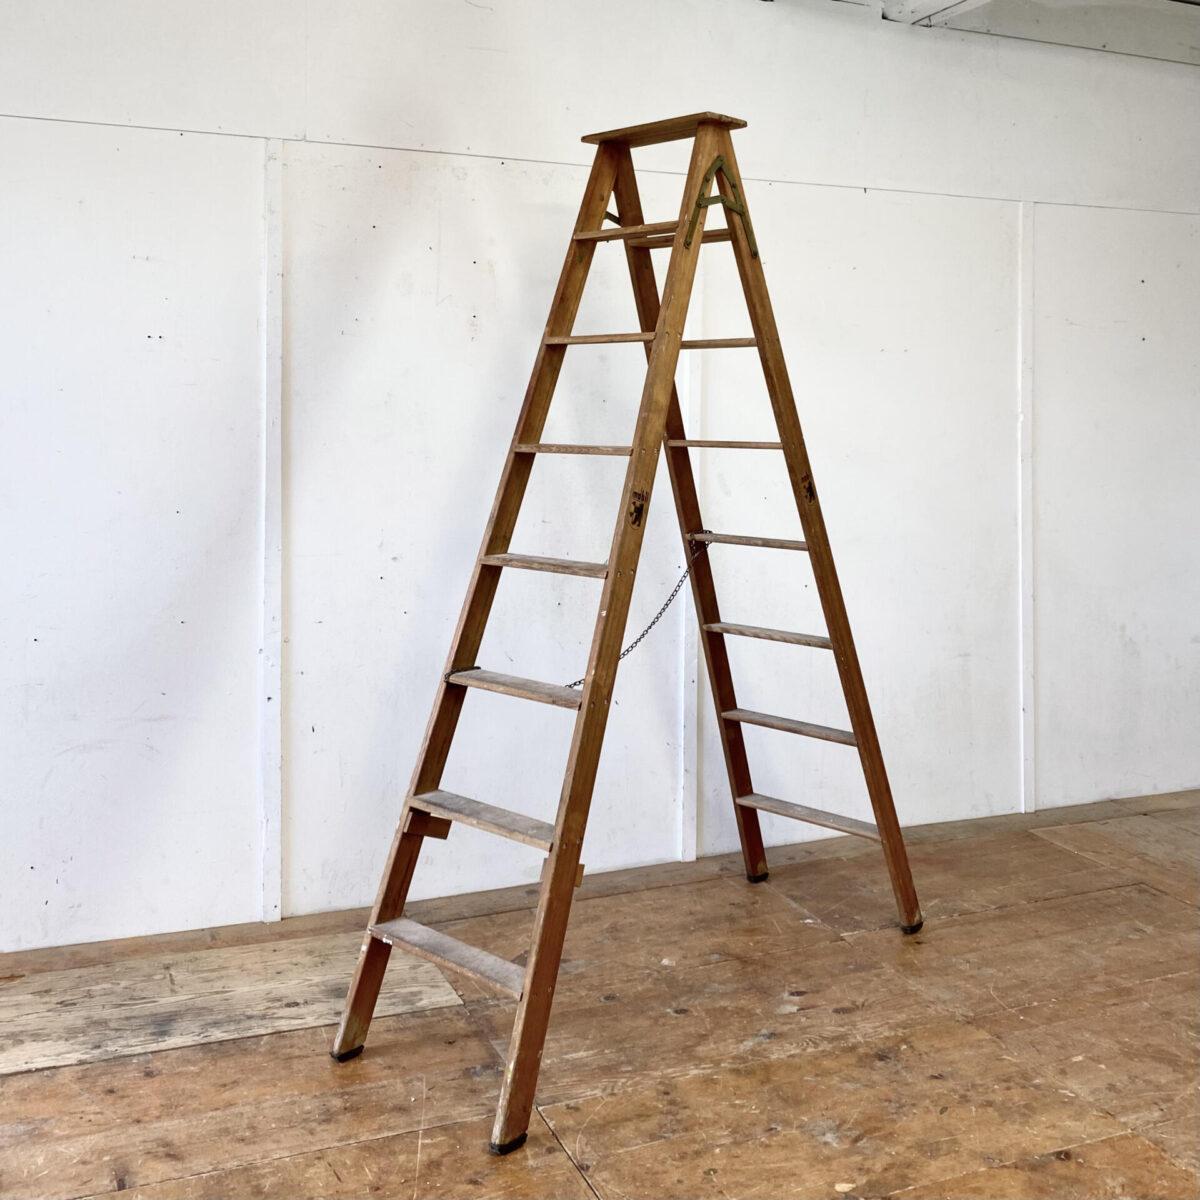 Alte Bockleiter aus Holz mit 8 Sprossen. Oberste Tritthöhe 200cm. Die Leiter ist in stabilem und noch Einsatz fähigem Zustand. Die Metallkette hat keine technische Funktion und kann auch abgenommen werden.